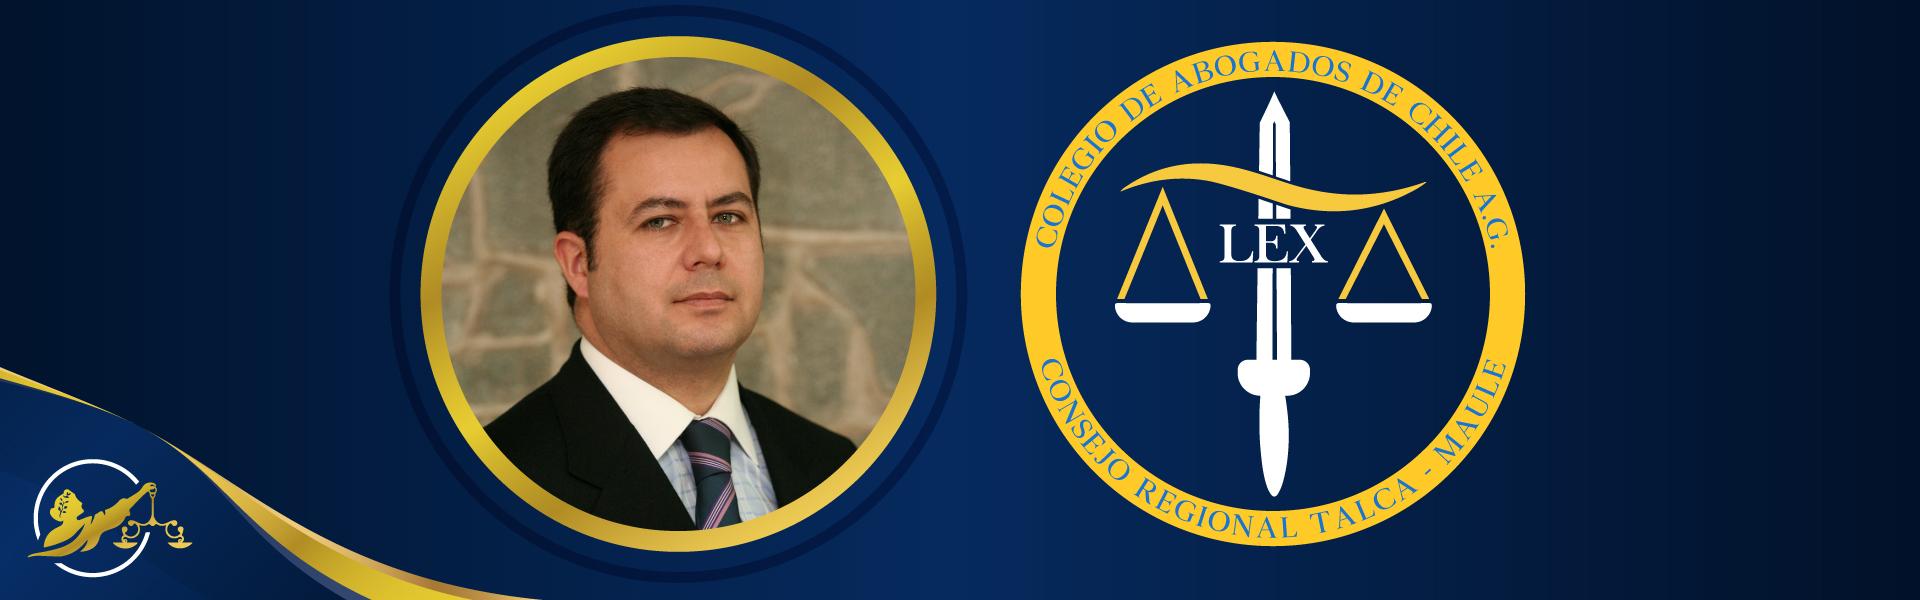 José L. Álvarez nuevo Consejero Colegio Abogados Maule thumbnail